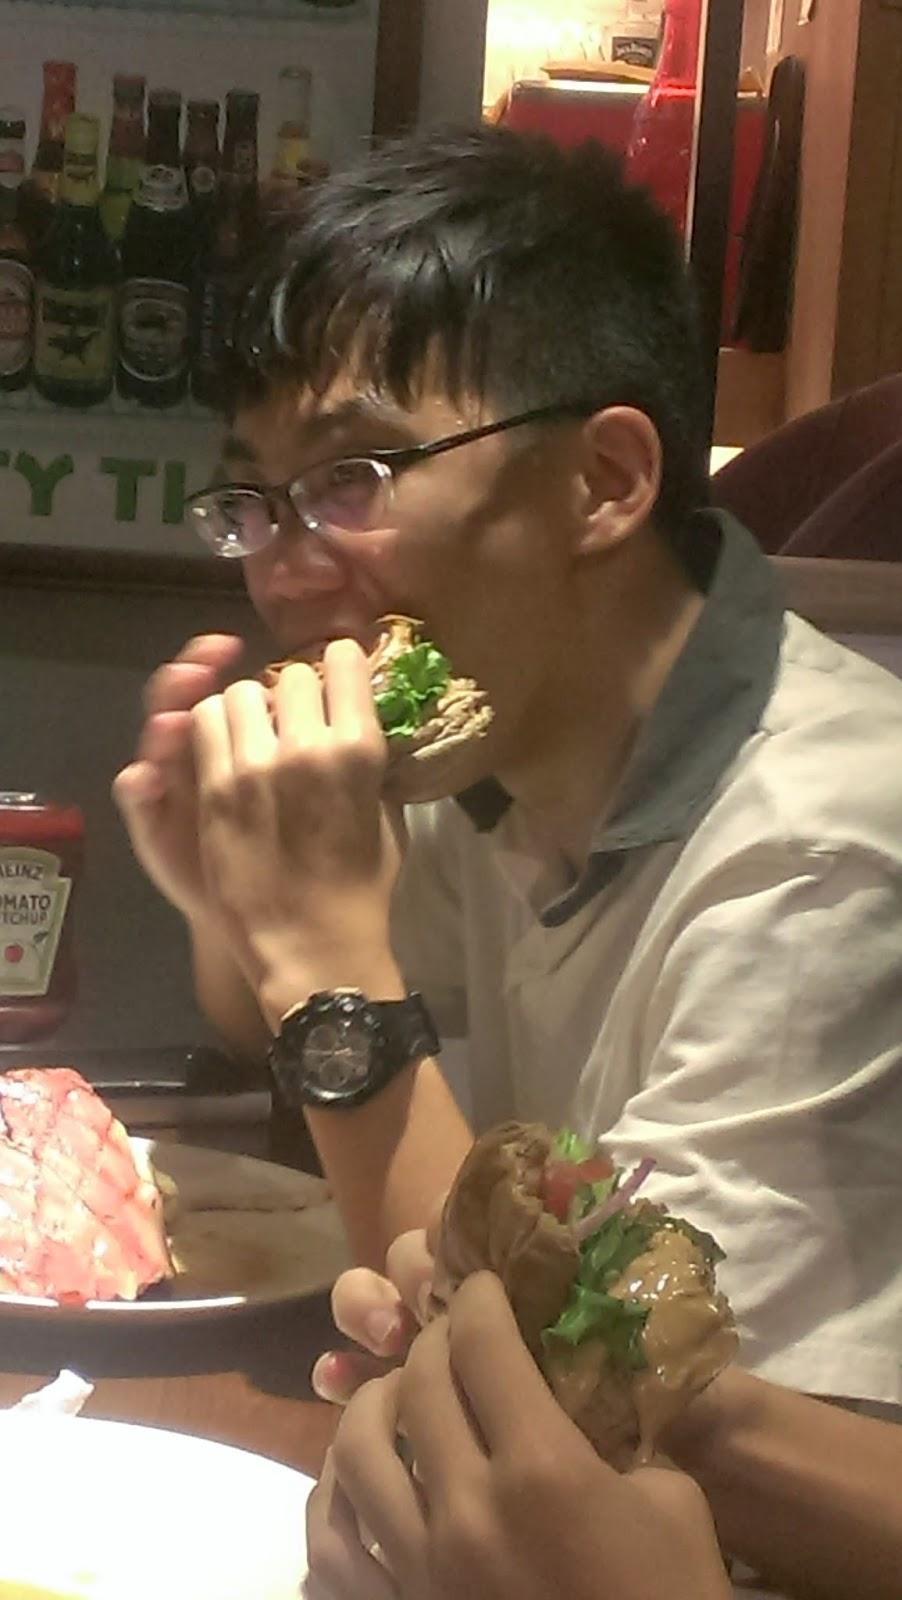 2014 07 27+18.38.28 - [食記] Bravo Burger 發福廚房 - 大口咬下美式漢堡,滿滿的熱量,滿滿幸福!